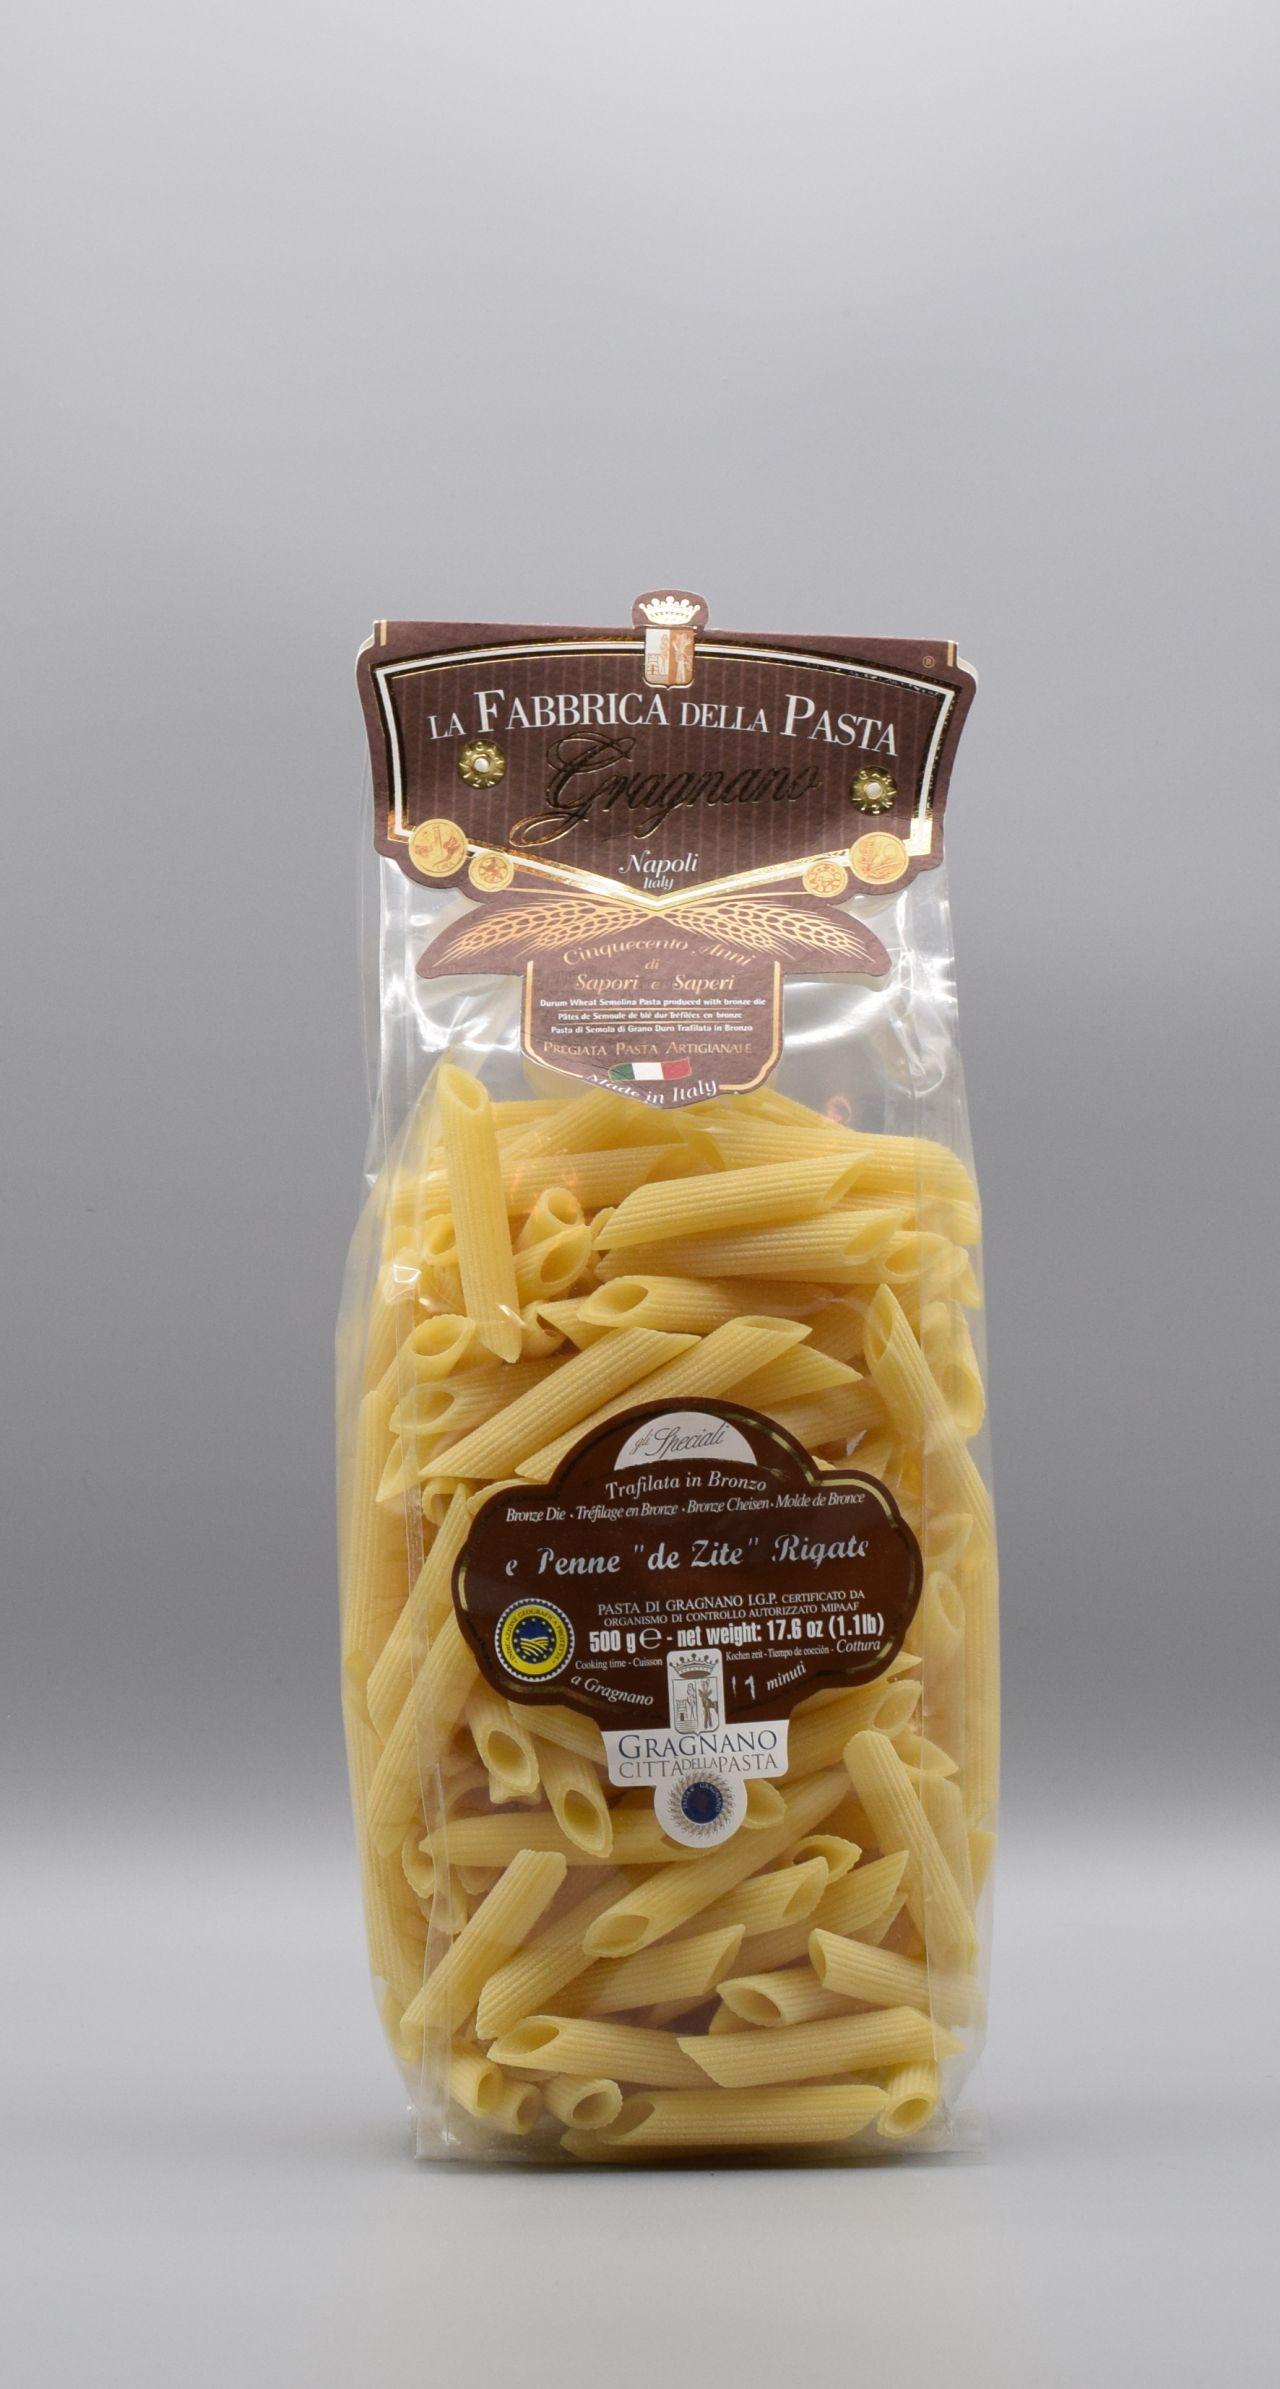 La Fabbrica della Pasta di Gragnano Penne de Zite (lang)